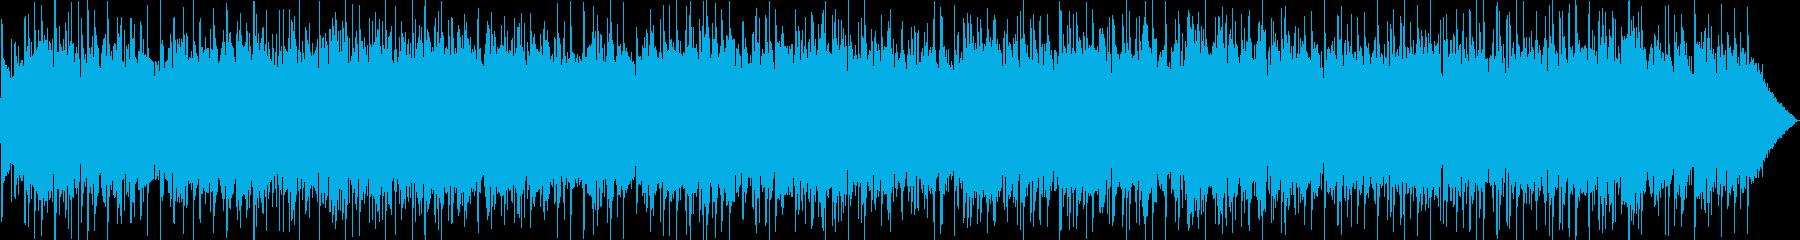 メロディアスなギターのロックポップの再生済みの波形